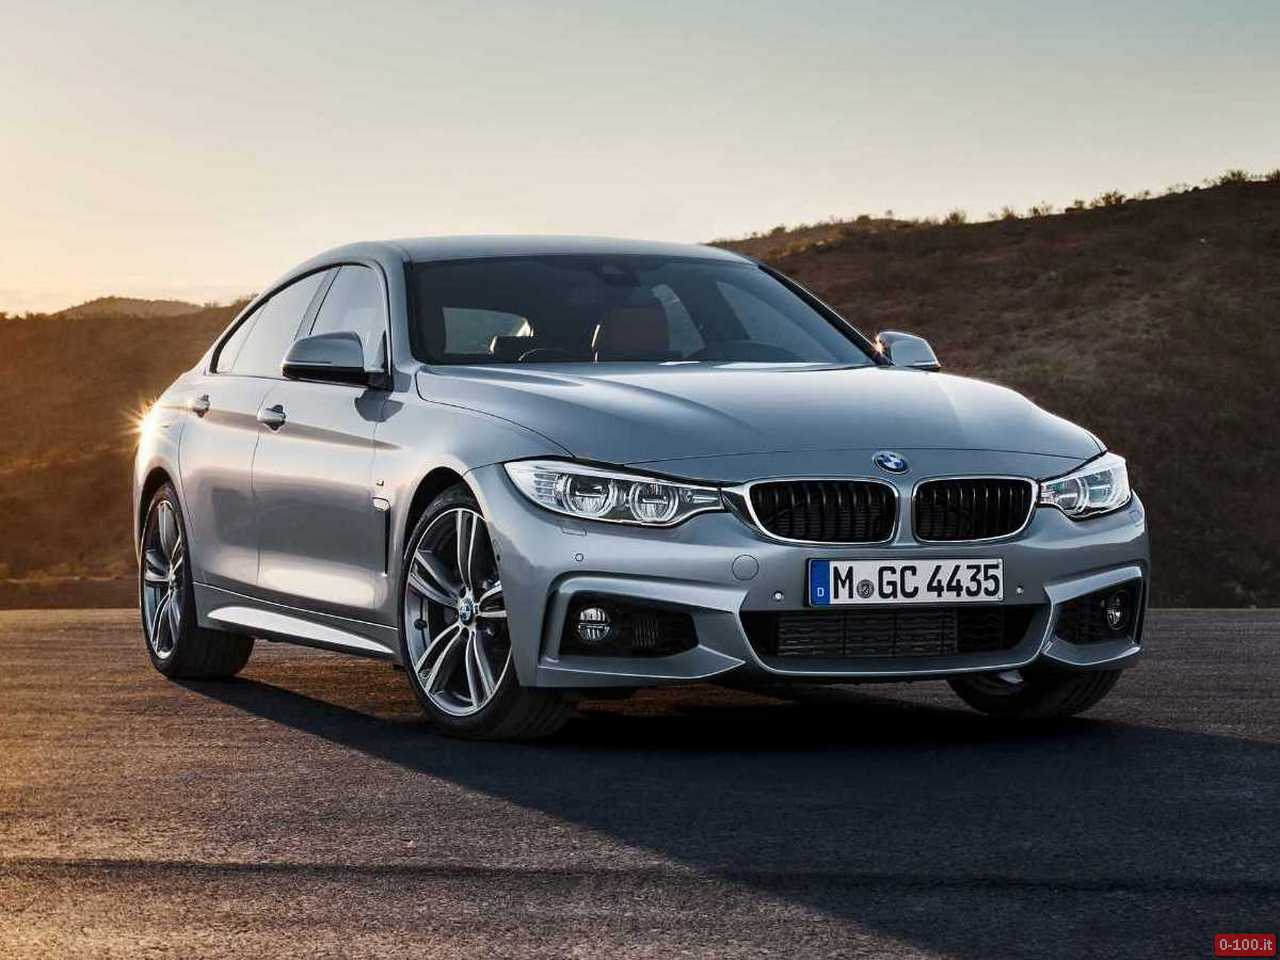 bmw-serie-4-gran-coupe-prezzo-price-ginevra-geneve-2014-0-100_11